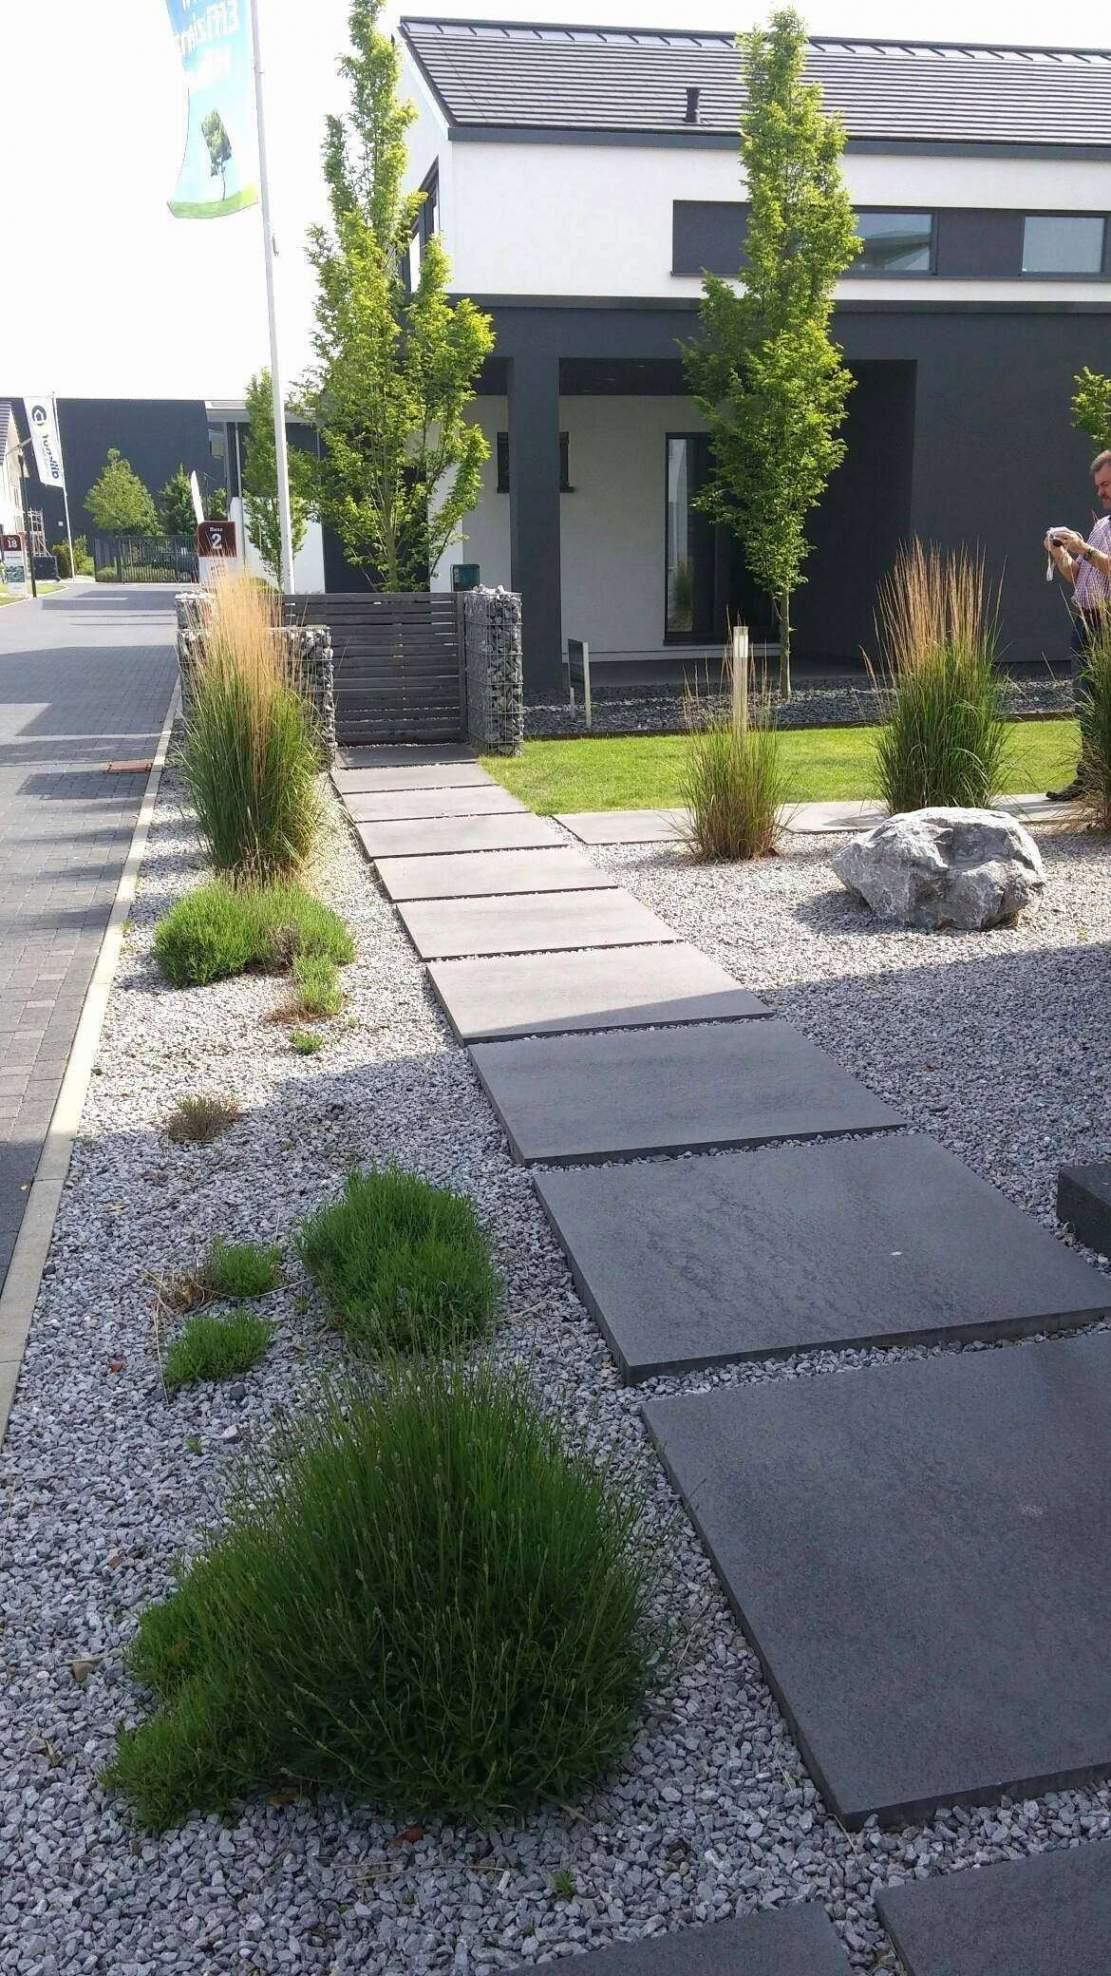 Feuerstelle Im Garten Erlaubt Genial Feuerstellen Im Garten Temobardz Home Blog Garten Anlegen